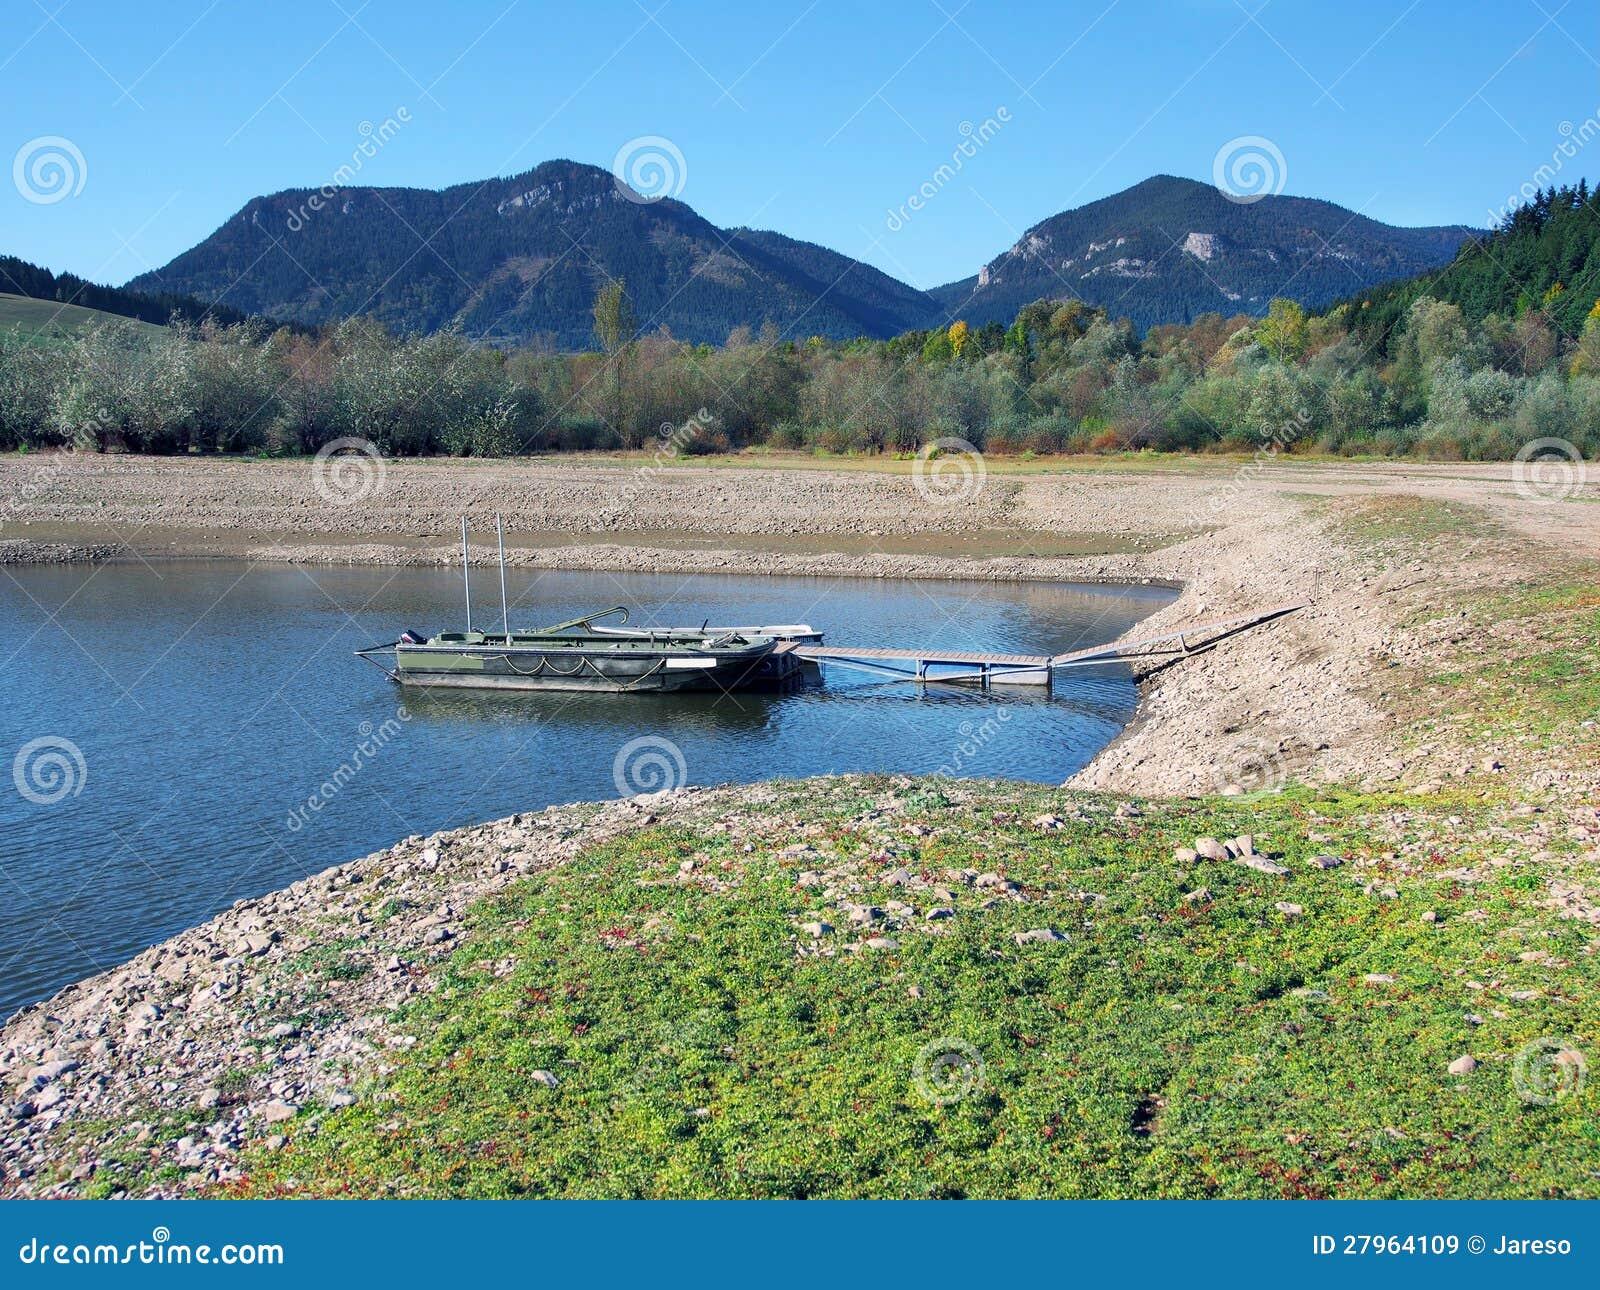 Boats anchored at shore of Liptovska Mara Lake